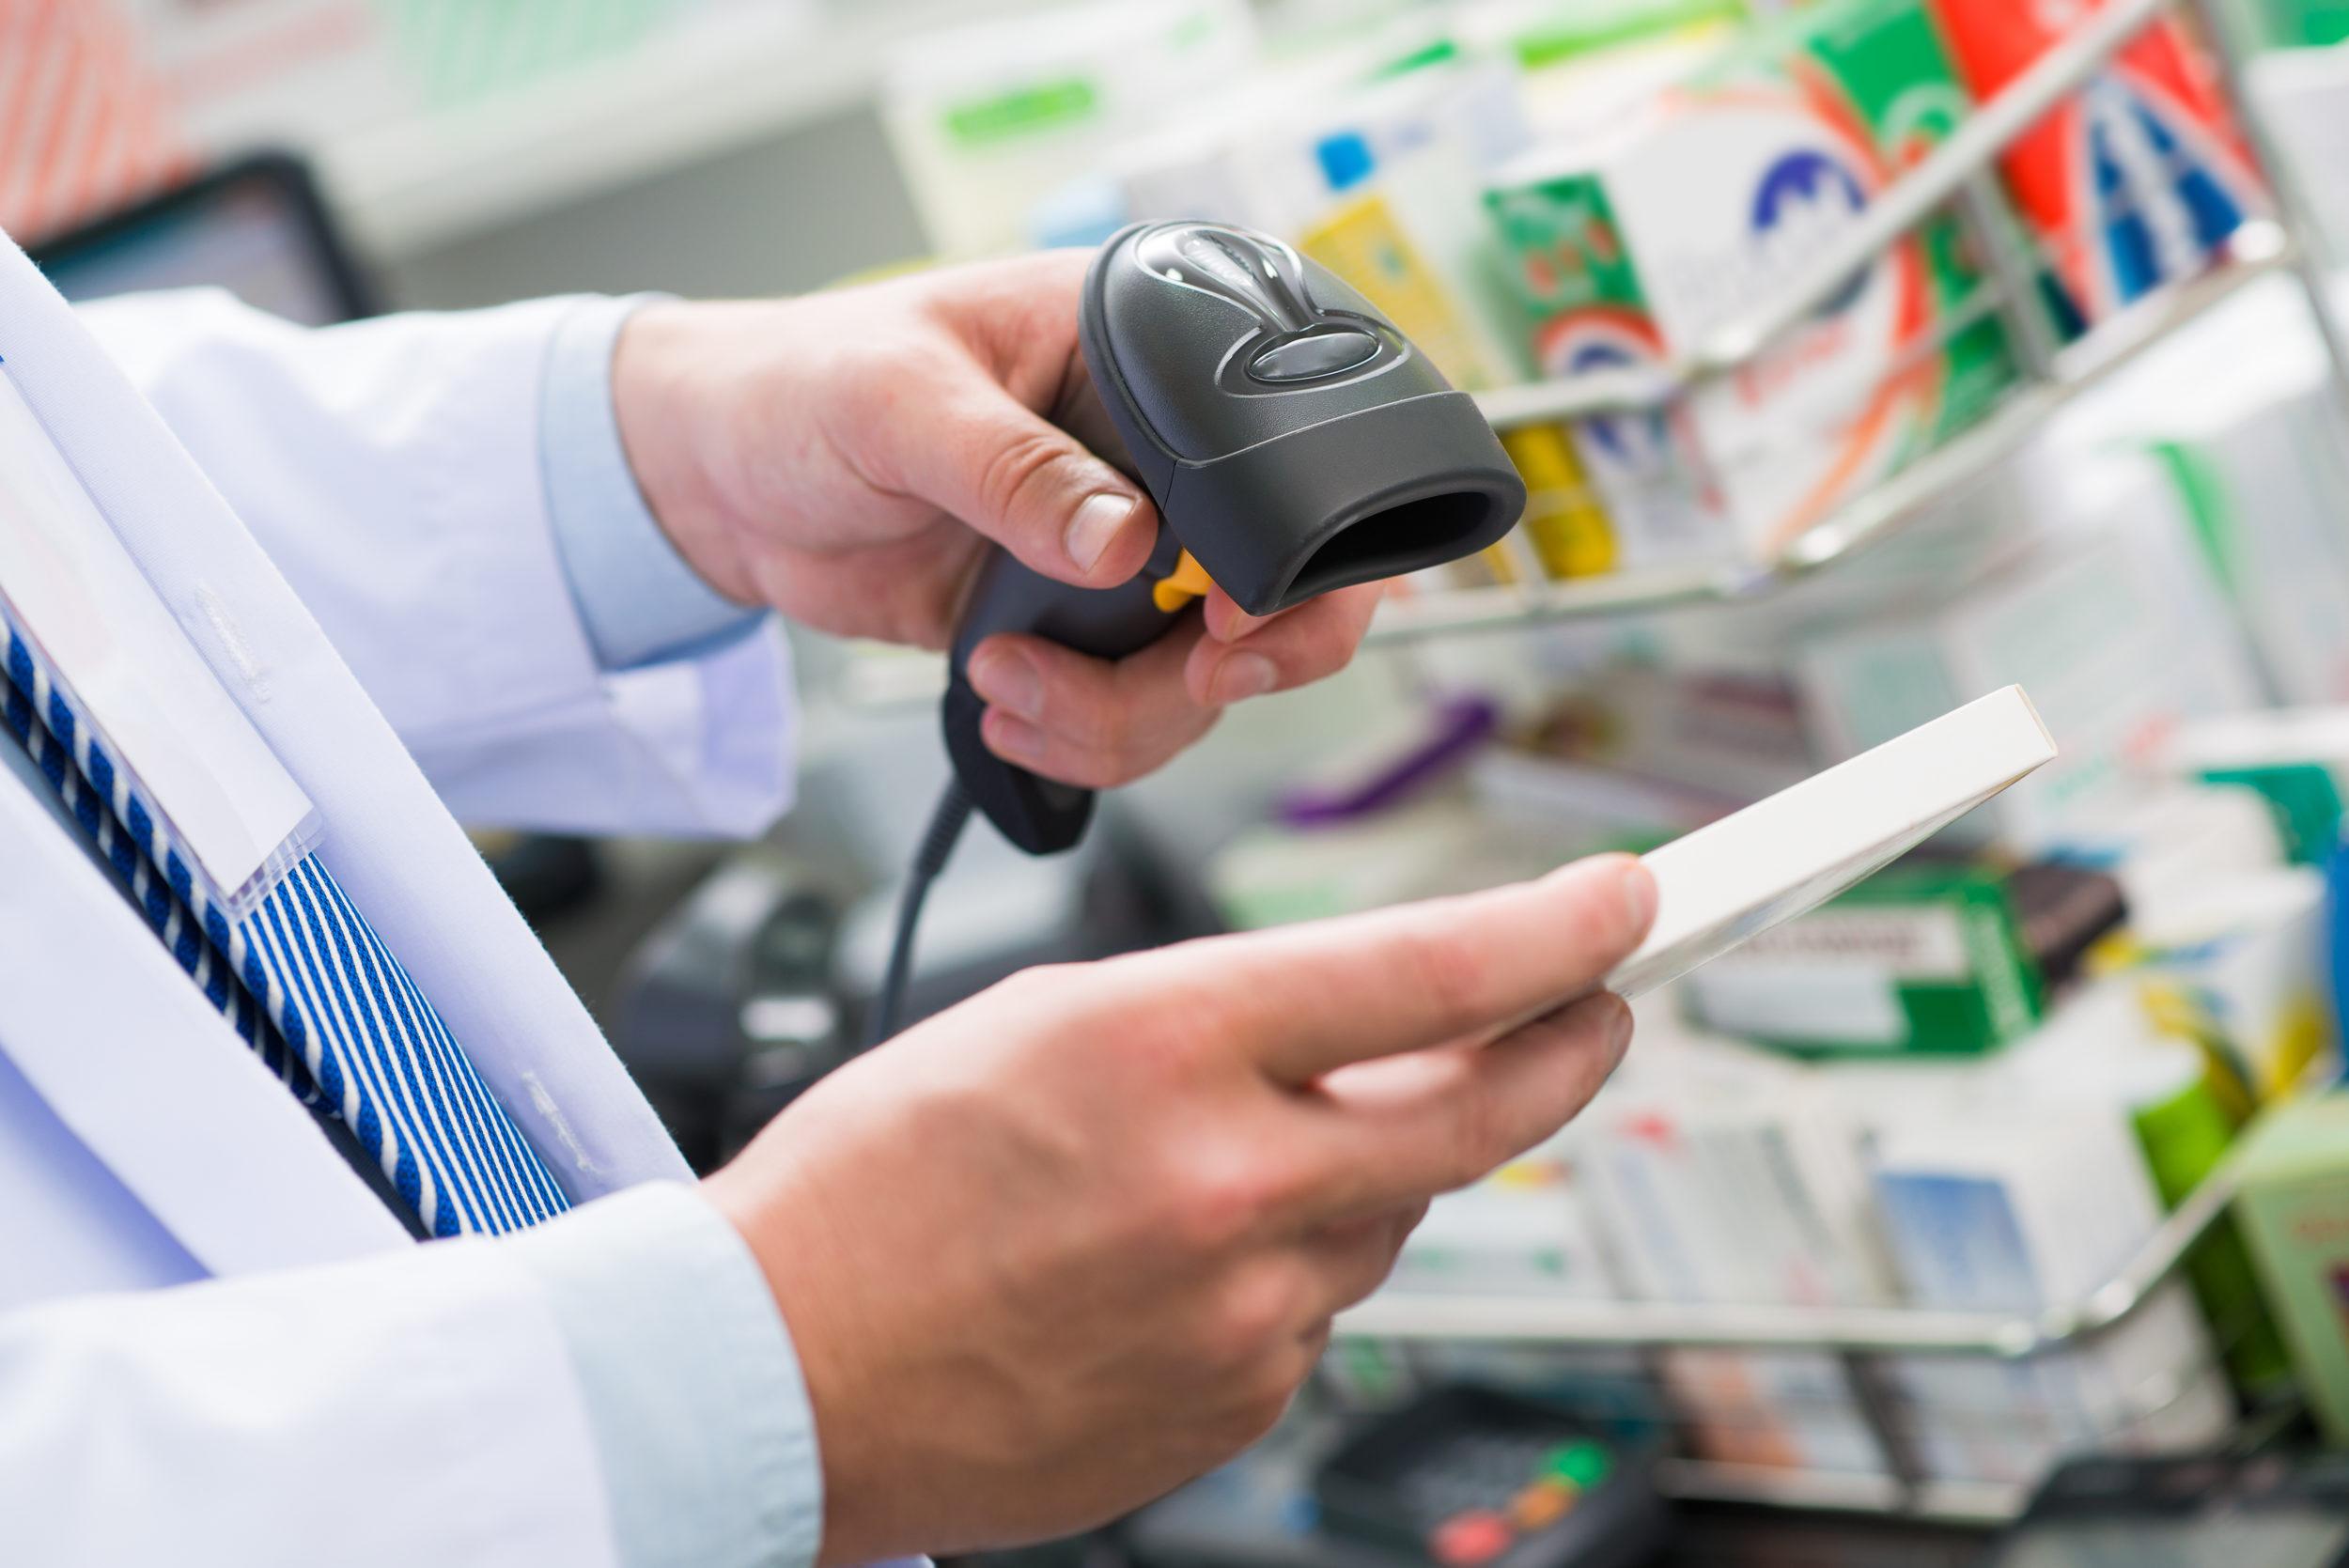 Pharmacien scannant un code barre